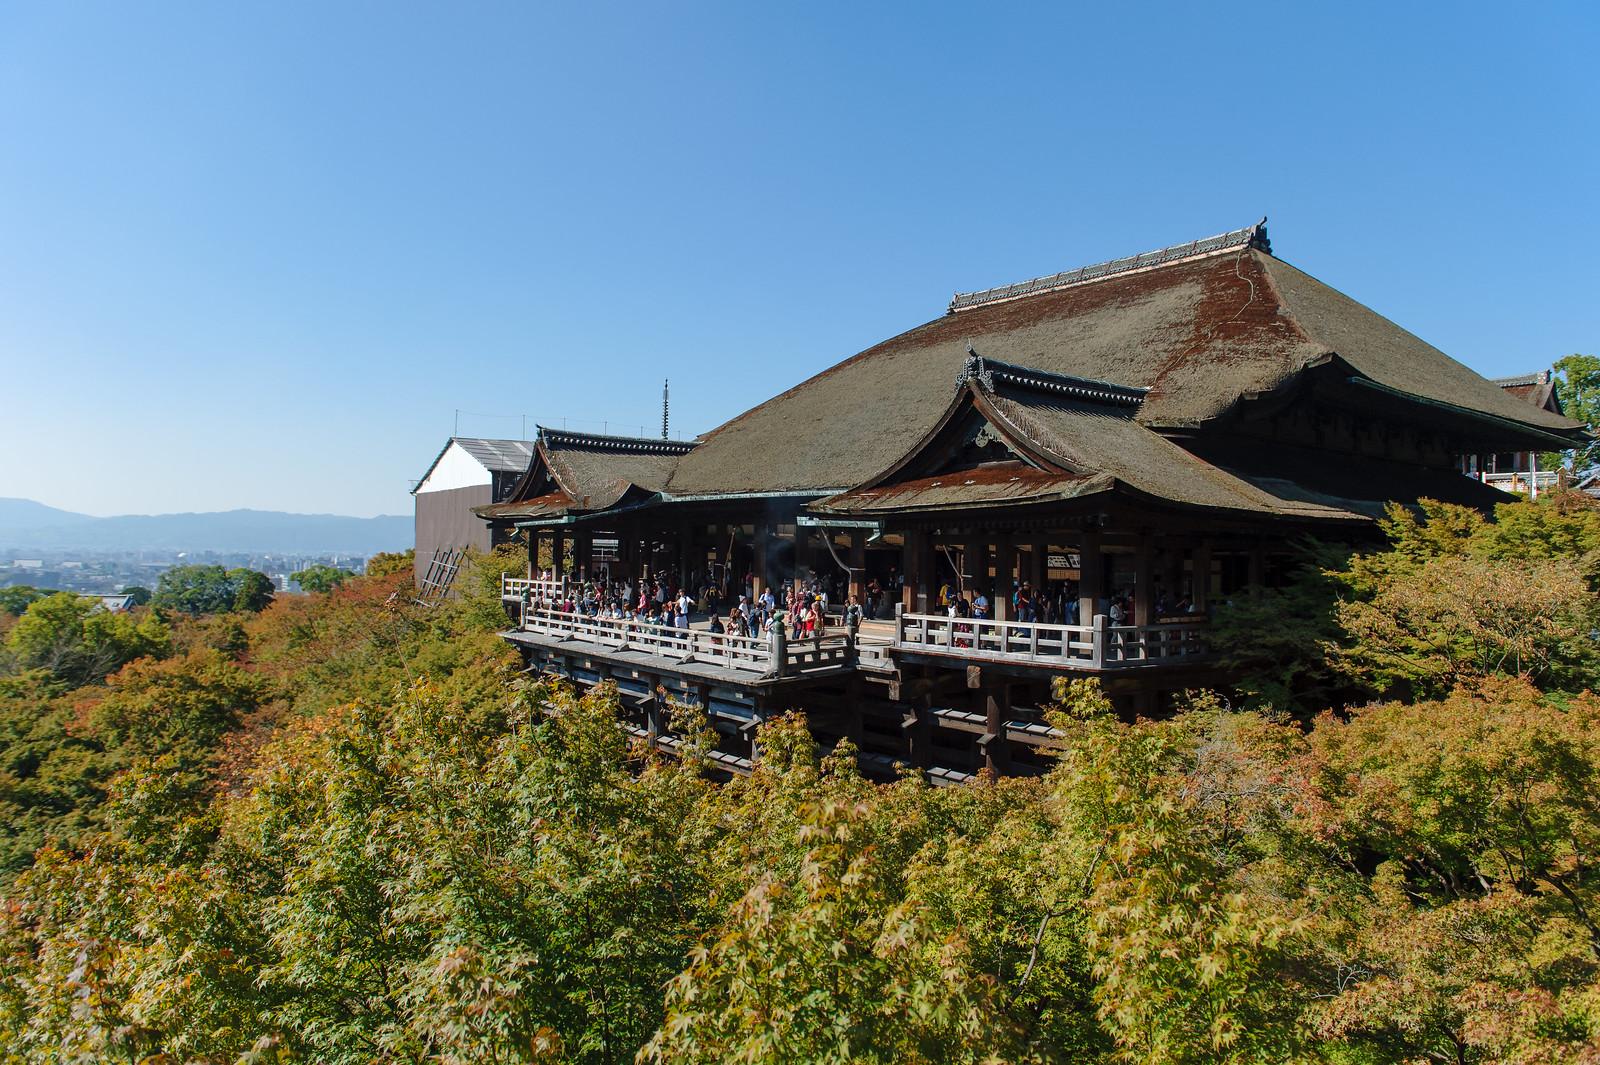 2015VQ@Kyoto-446